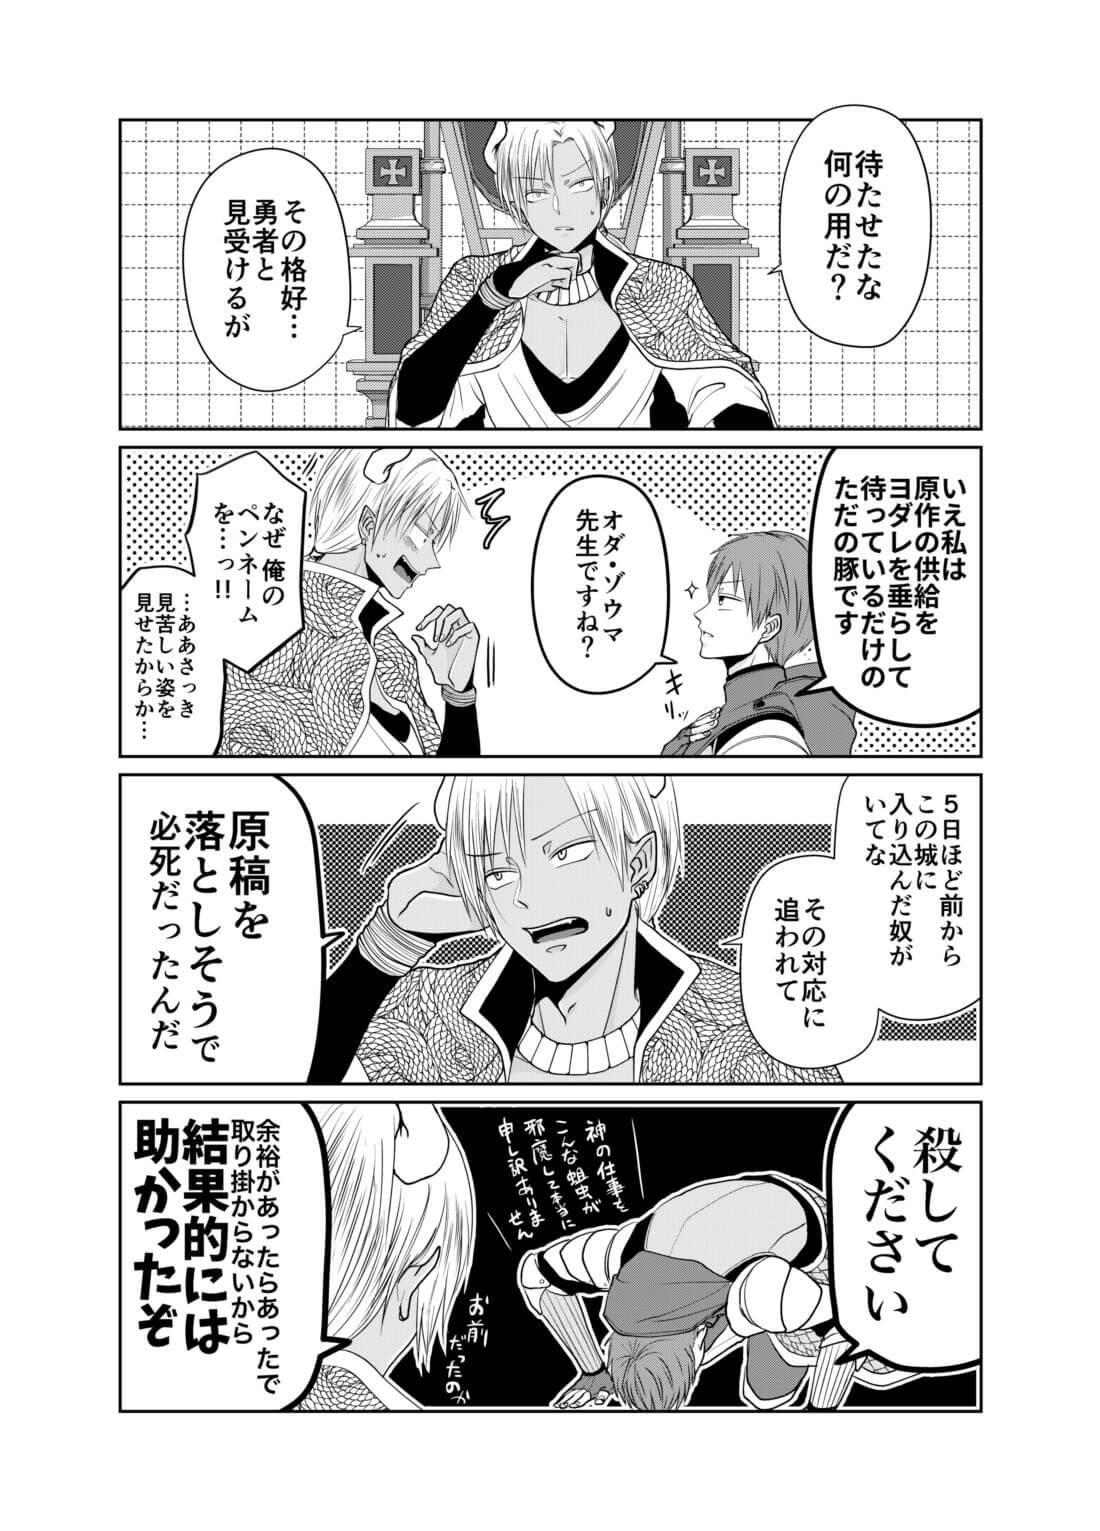 漫画家魔王とオタク勇者の話03